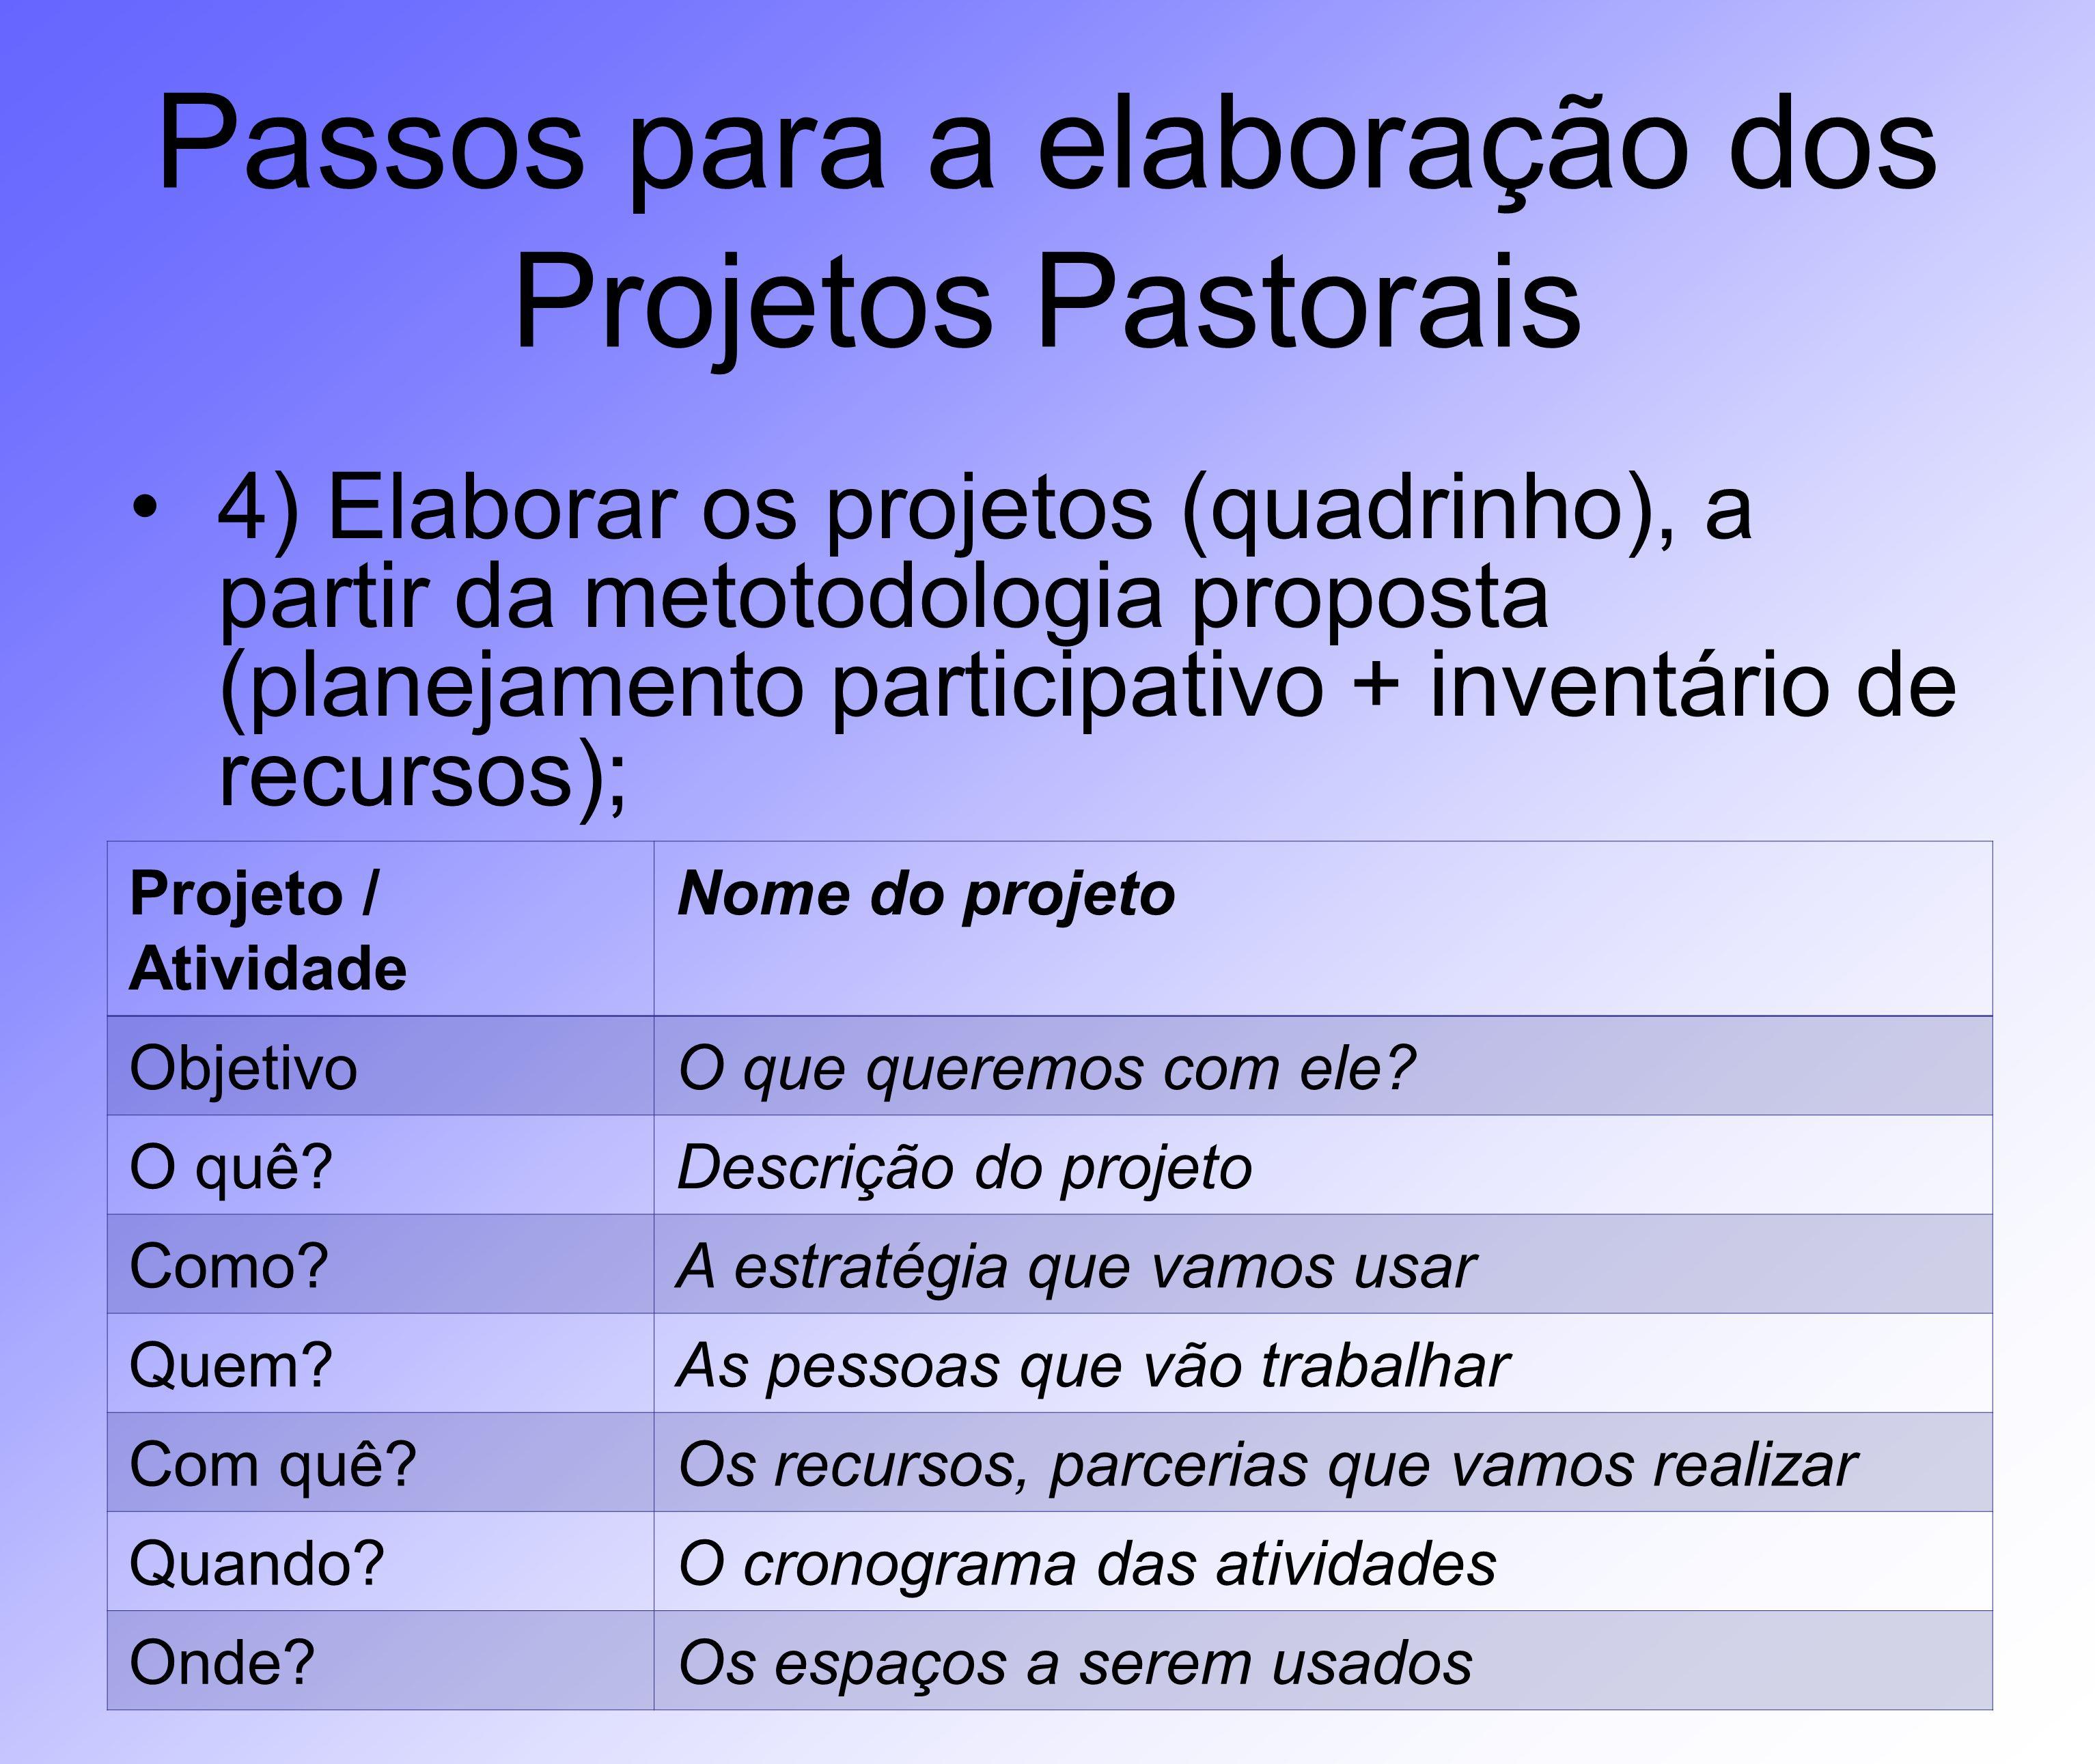 Passos para a elaboração dos Projetos Pastorais 4) Elaborar os projetos (quadrinho), a partir da metotodologia proposta (planejamento participativo +